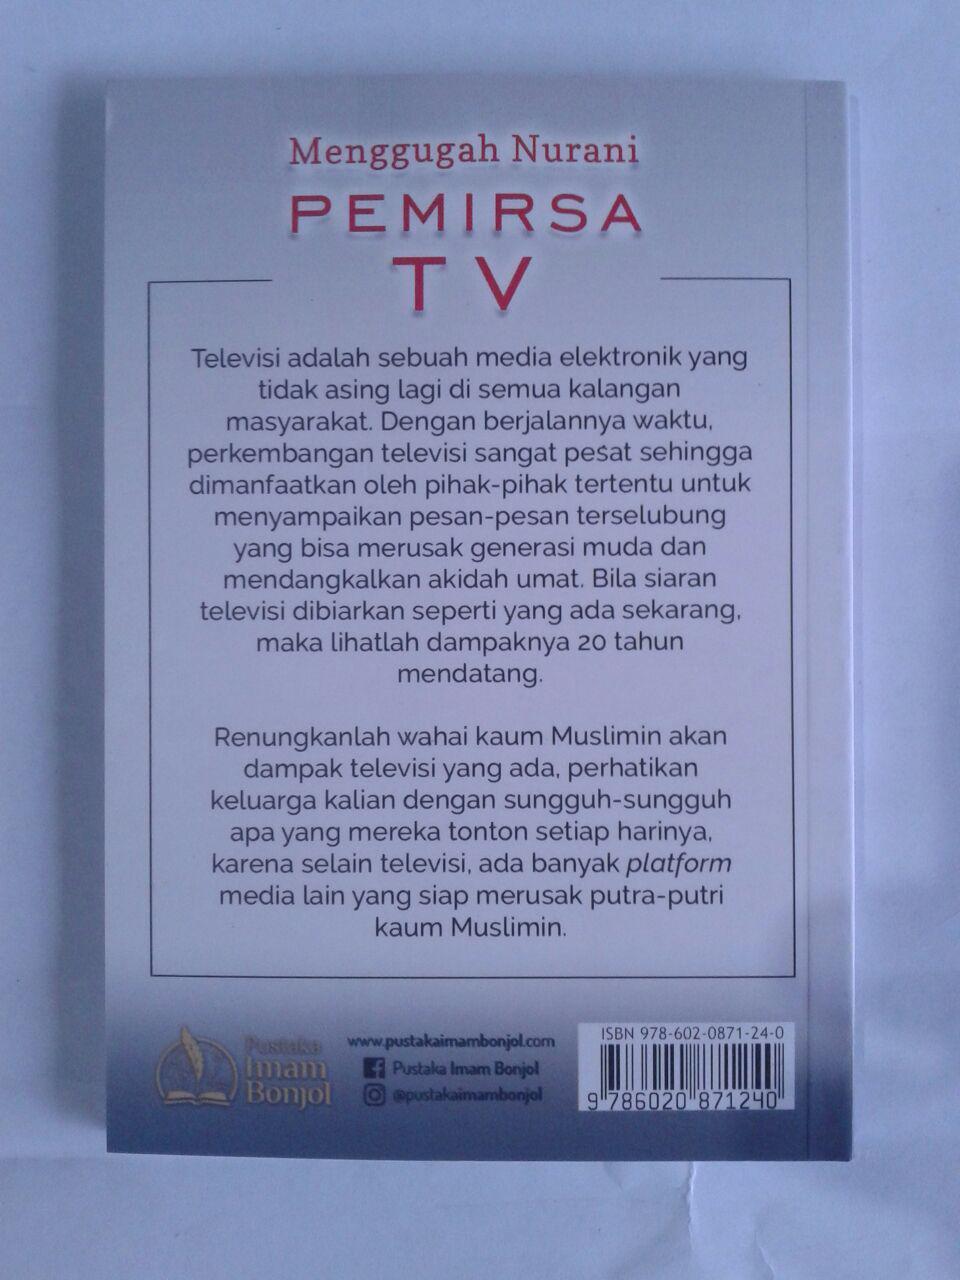 Buku Menggugah Nurani Pemirsa TV cover